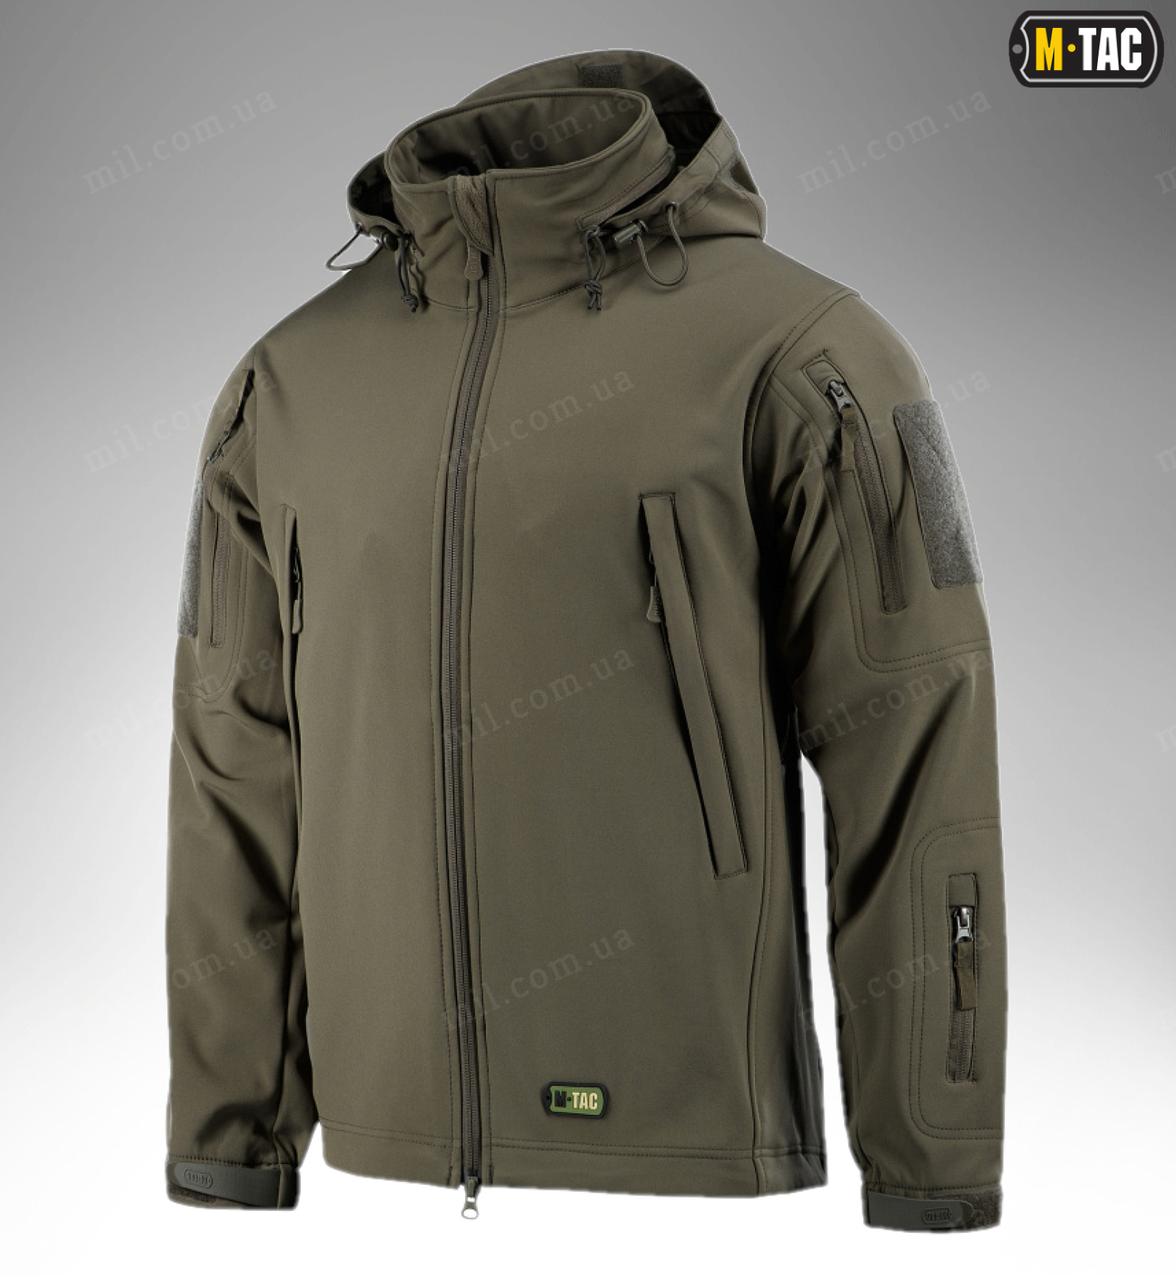 Демисезонная тактическая куртка M-TAC Soft Shell (olive)